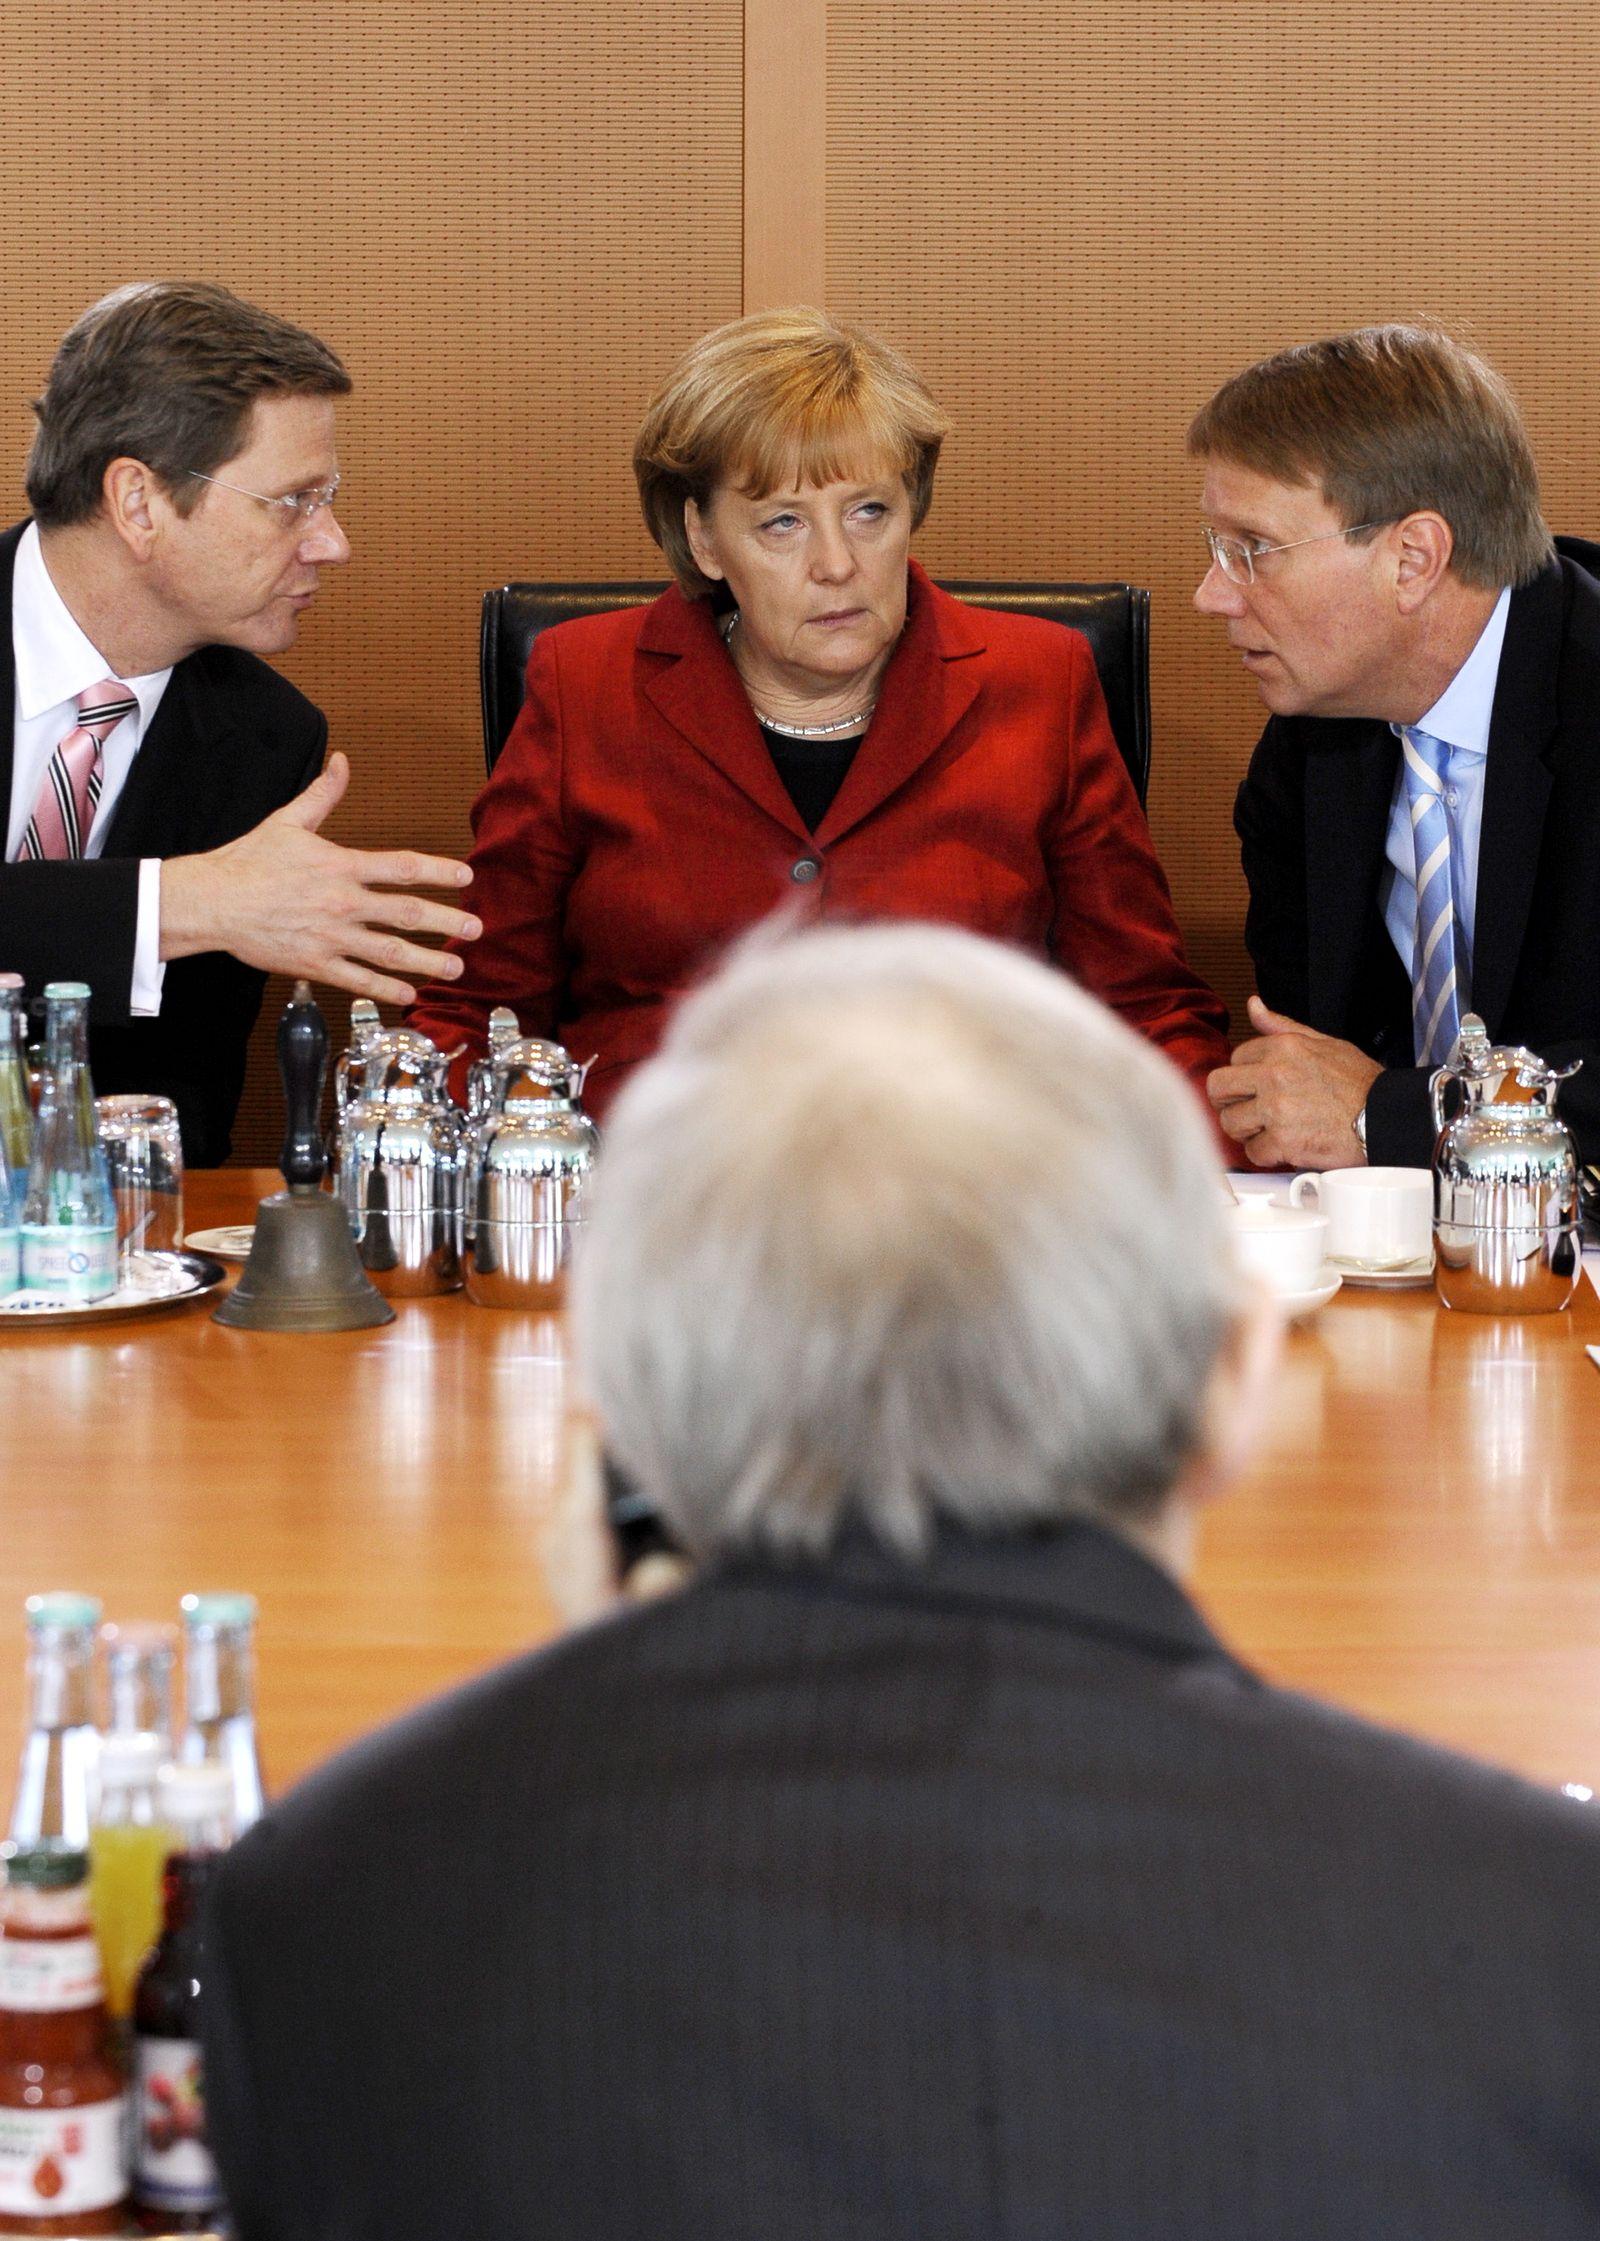 NICHT VERWENDEN Westerwelle Merkel Pofalla